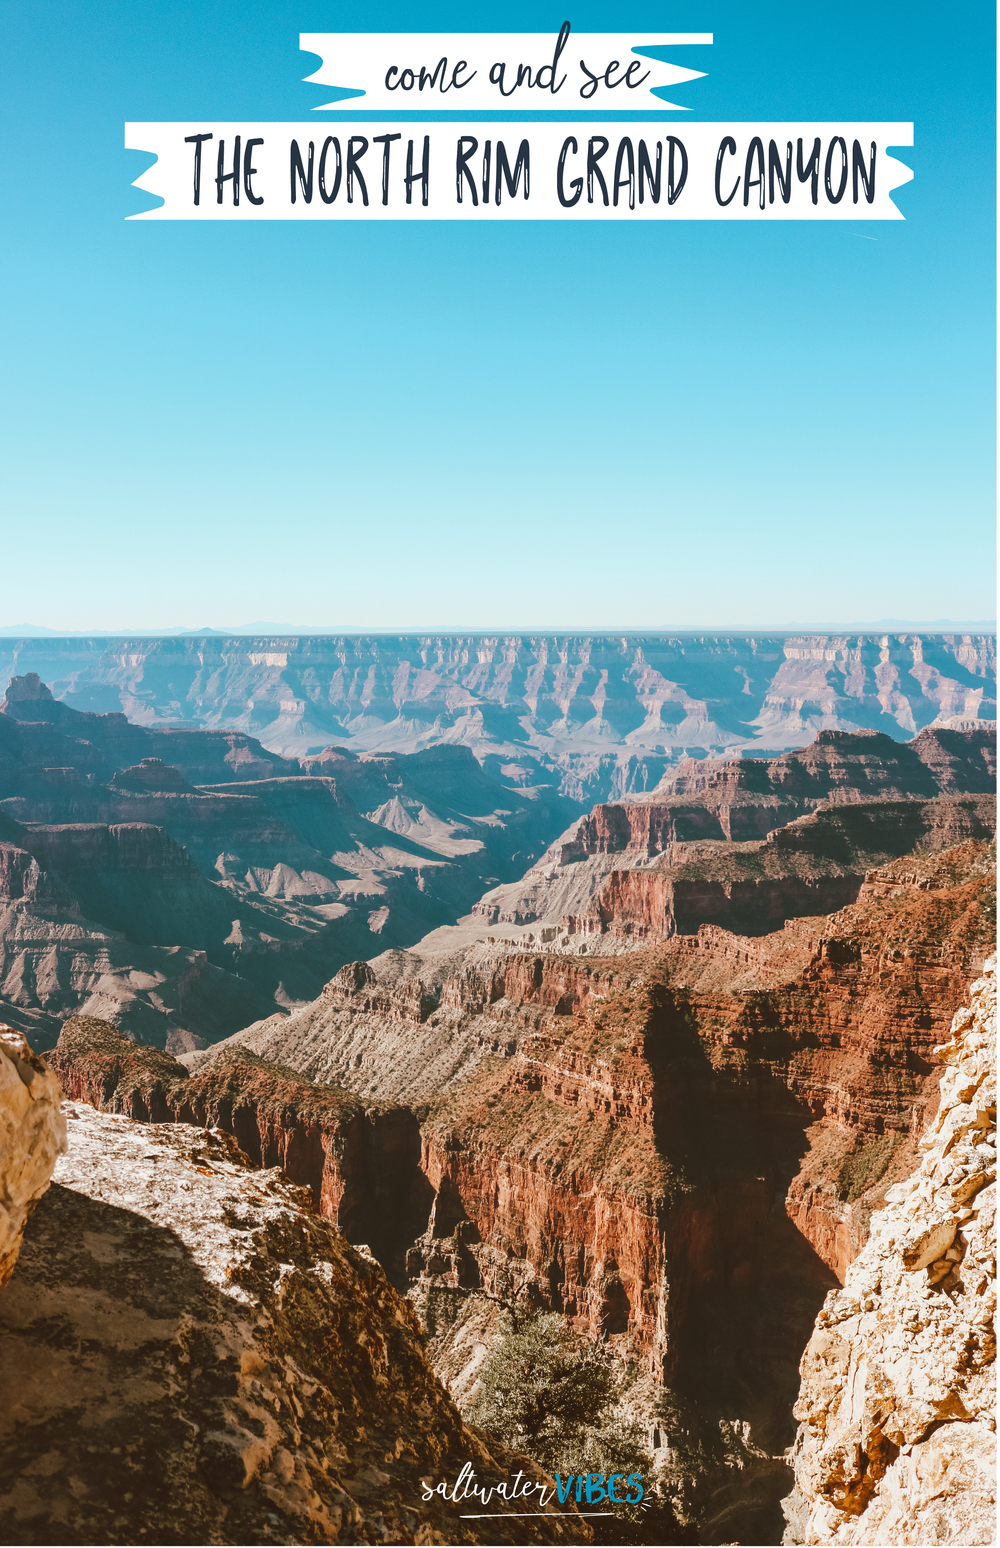 Grand Canyon Pins-02.png